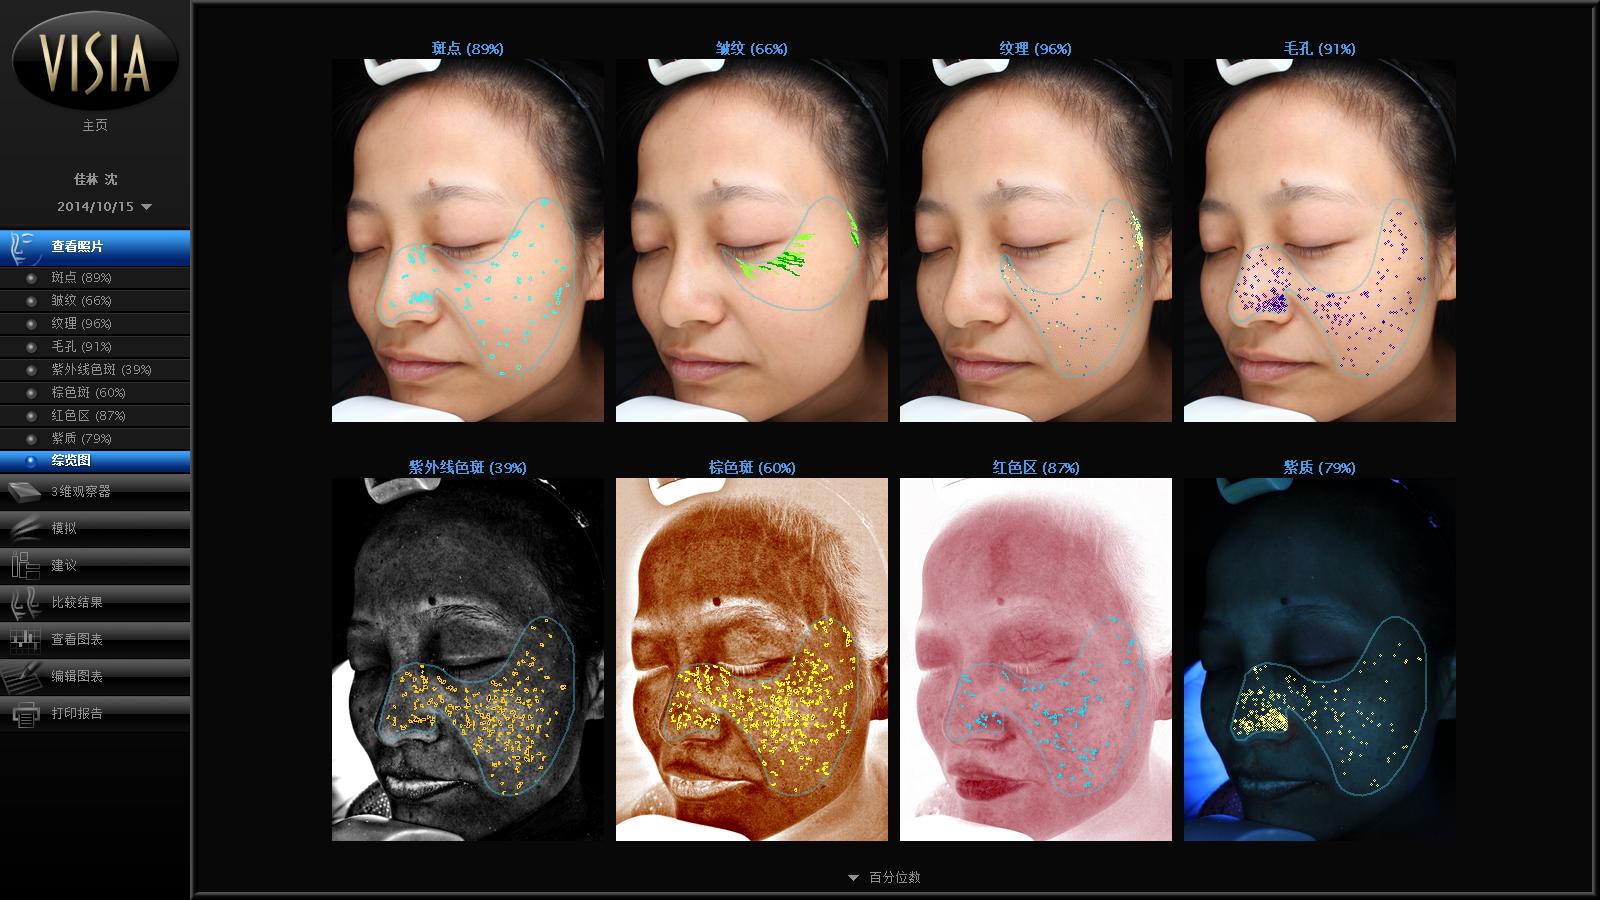 我们利用皮肤检测仪分析真皮层和表皮层痤疮情况